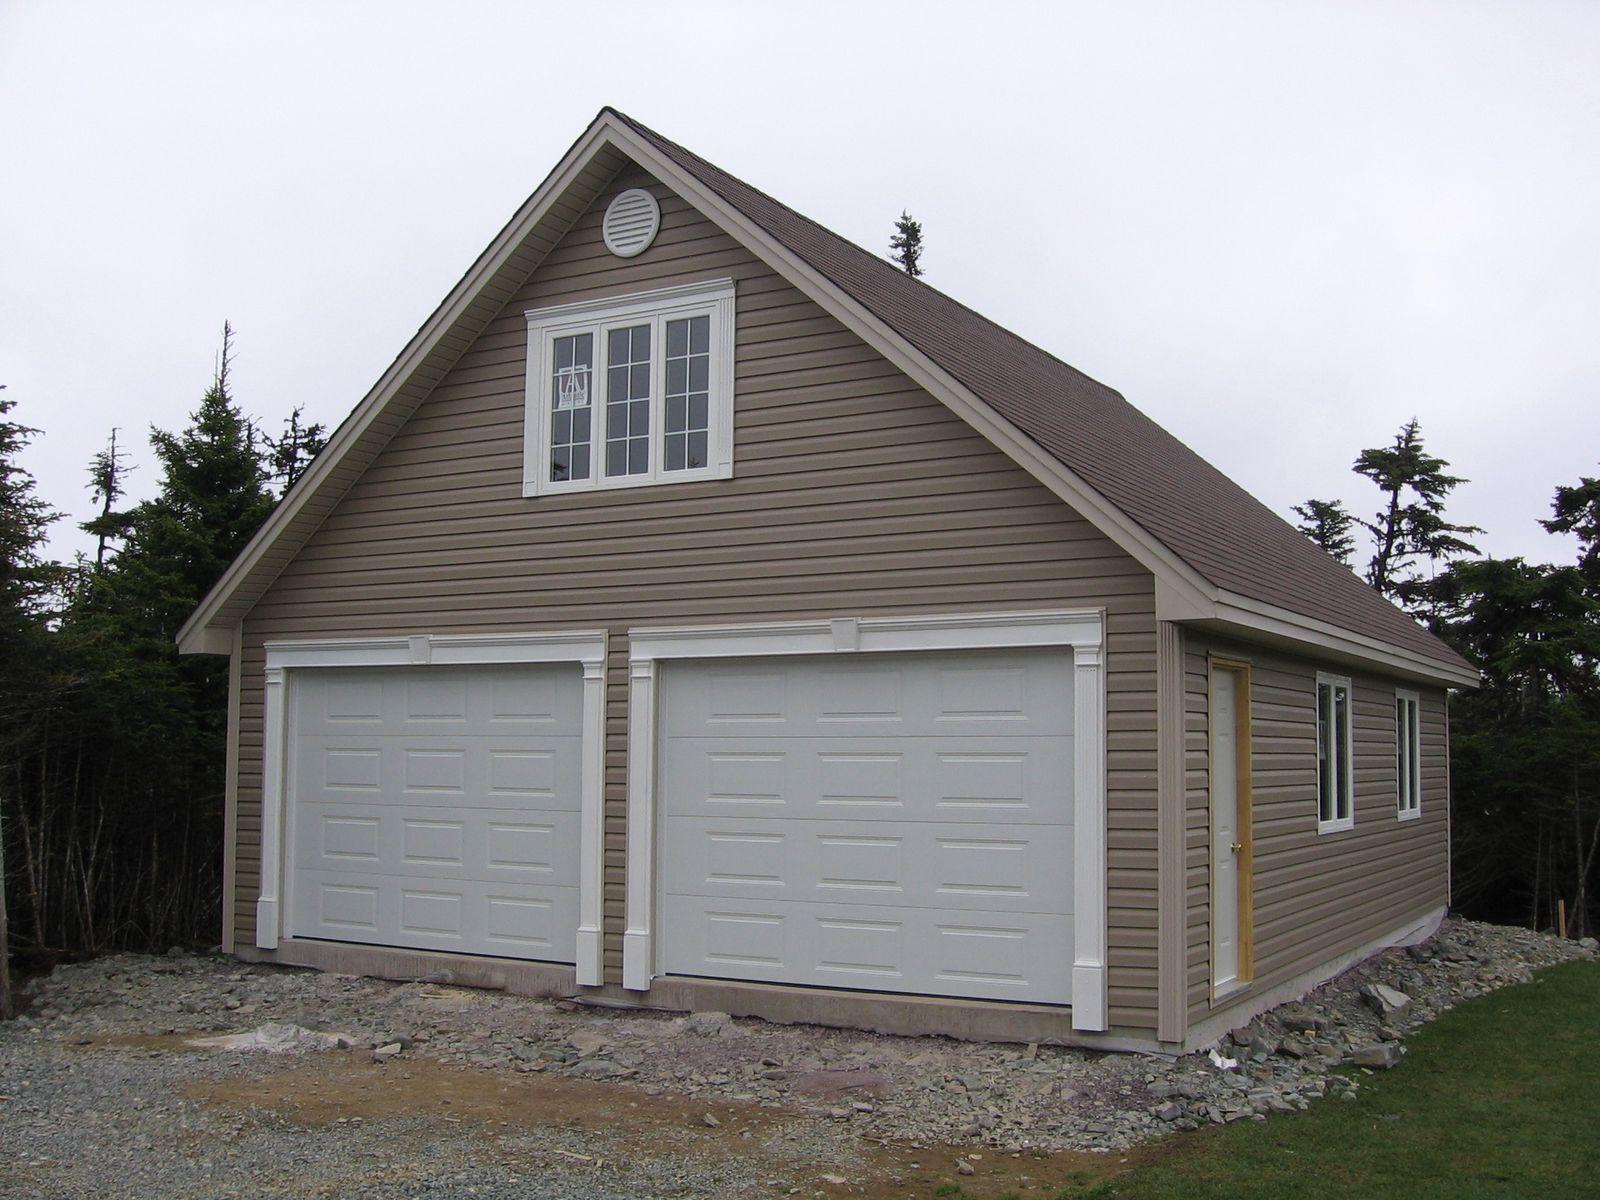 garages designs photo - 2